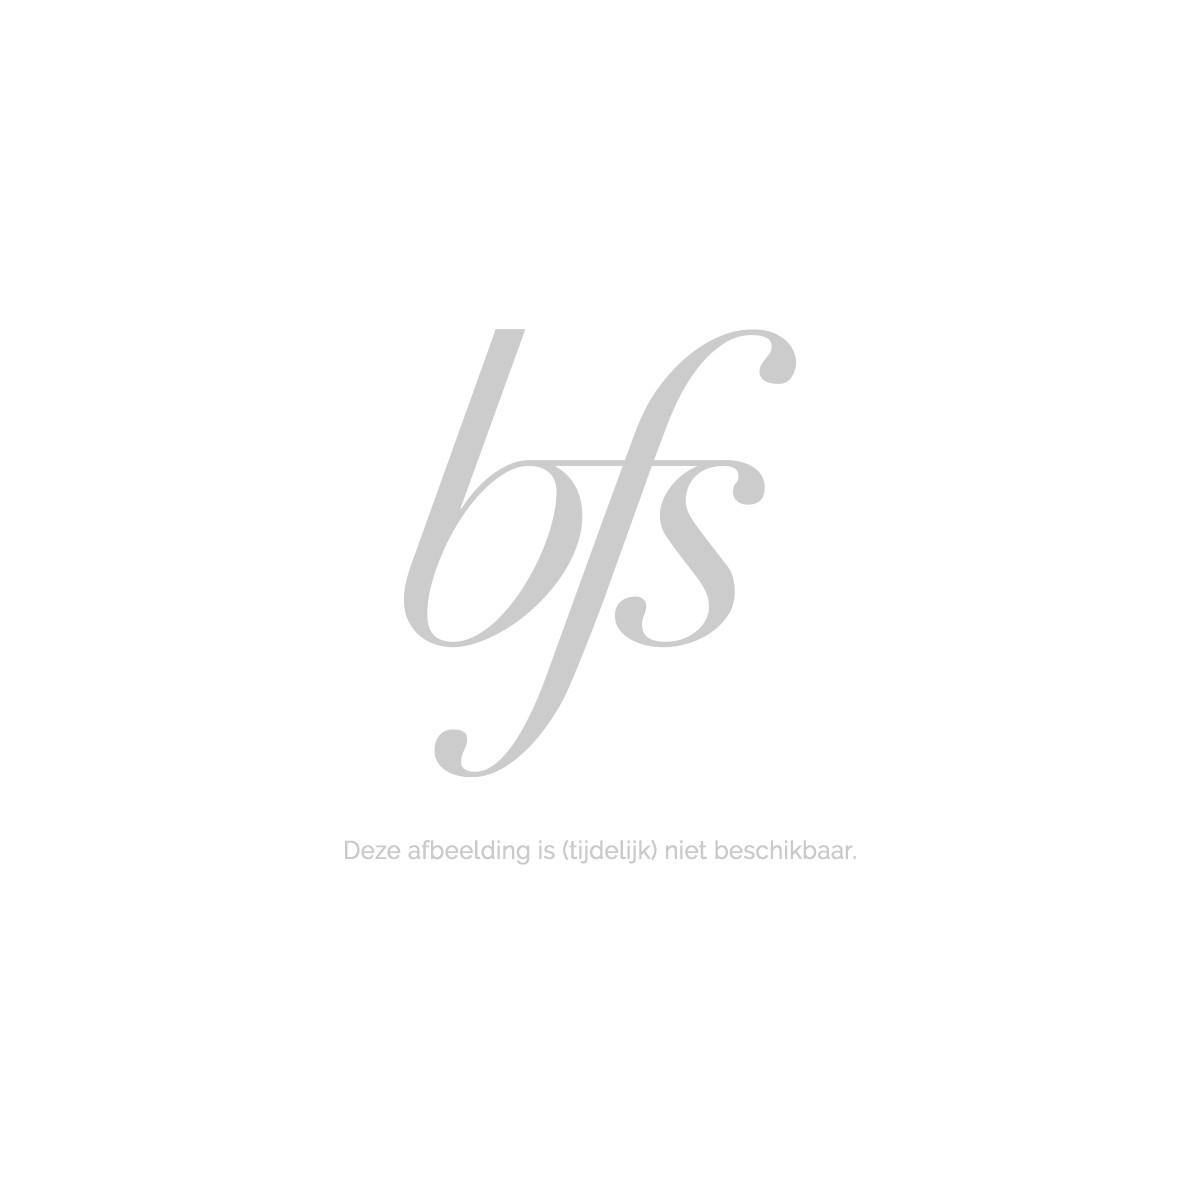 Afbeelding van Dermalogica Conditioning Body Wash 473 ml Lichaamsverzorging Beauty